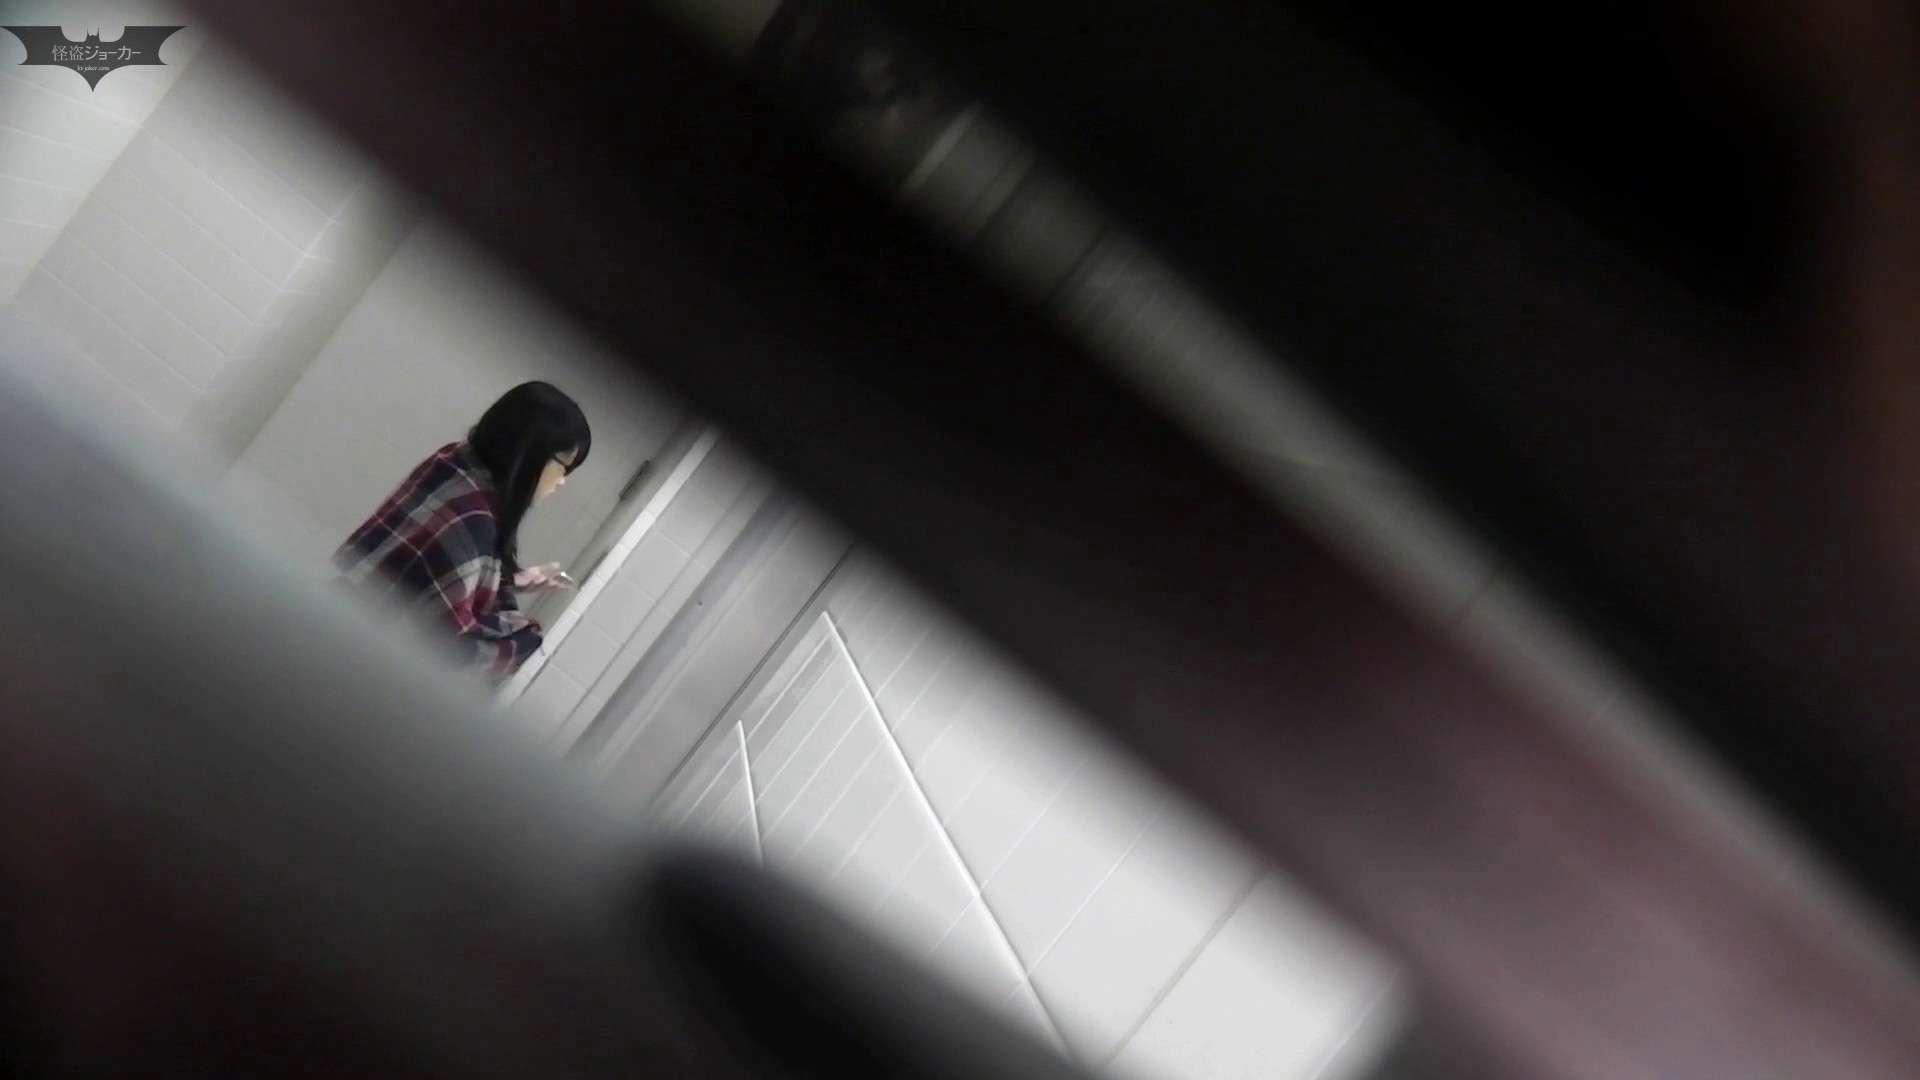 お銀さん vol.59 ピンチ!!「鏡の前で祈る女性」にばれる危機 お姉さん  98PIX 71